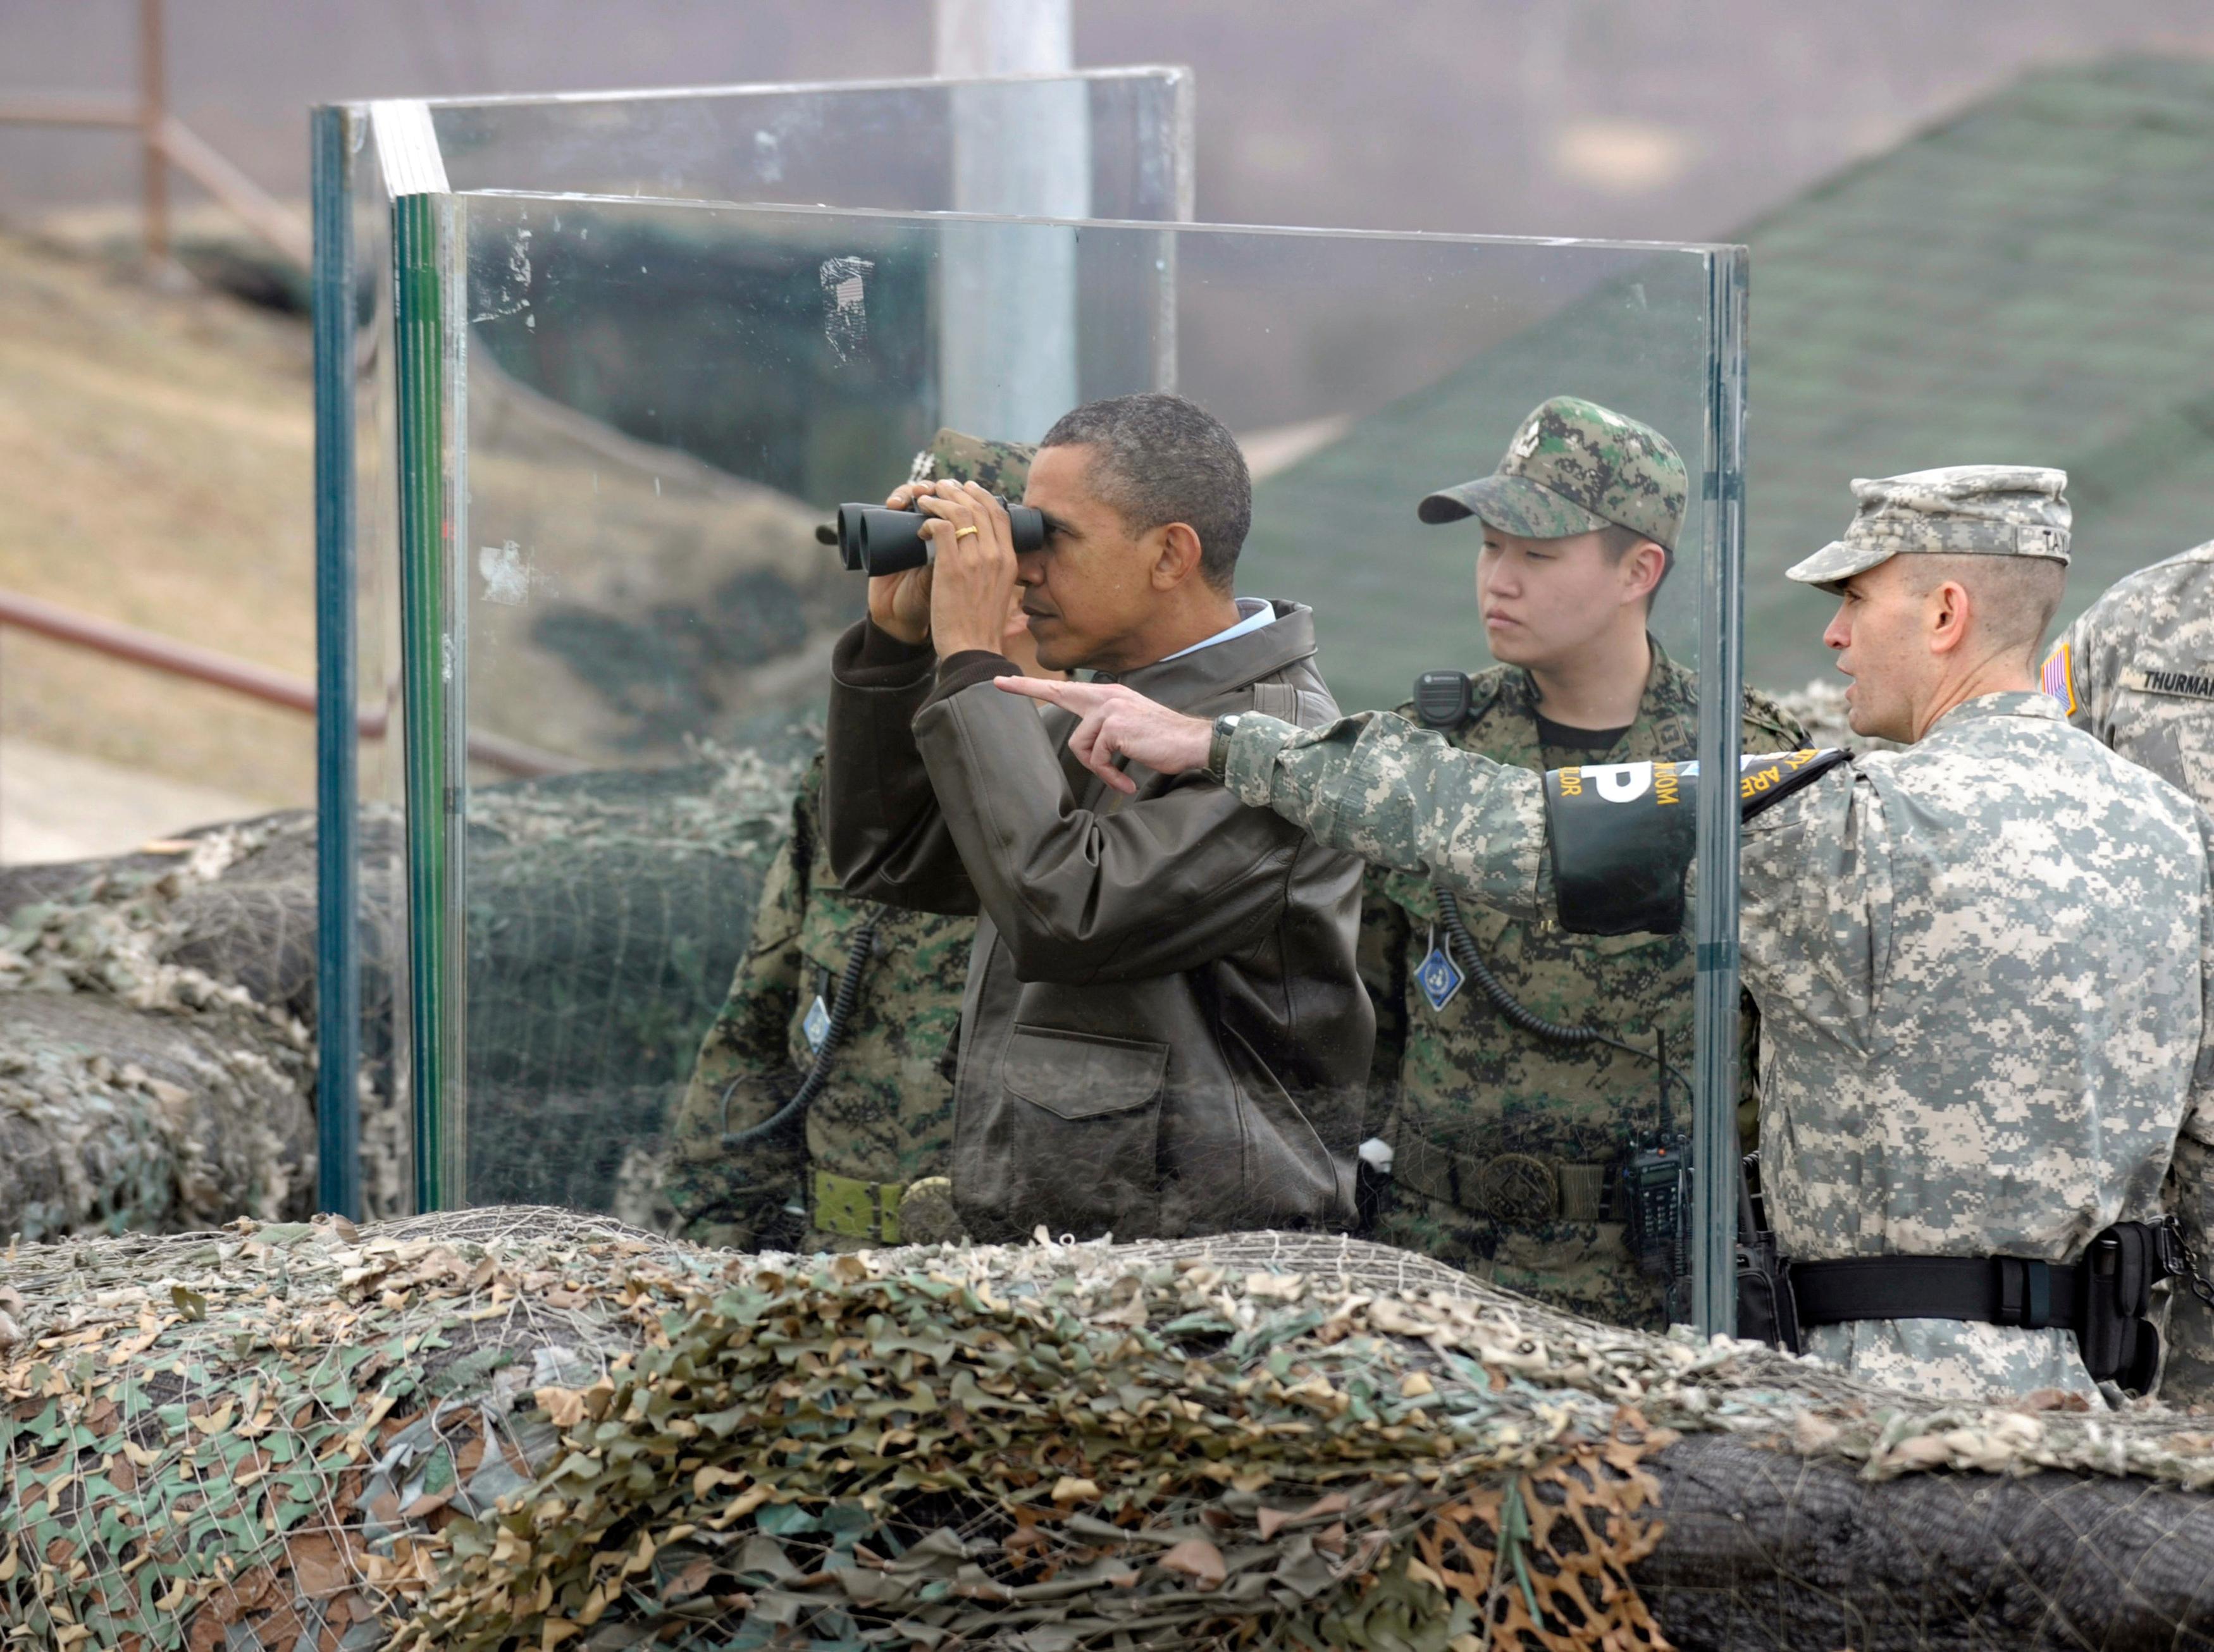 前總統歐巴馬(左)2012年3月25日在DMZ的歐萊特哨所(Observation Post Ouellette)防彈玻璃後方,以望遠鏡觀察北韓境內的一舉一動。(美聯社)